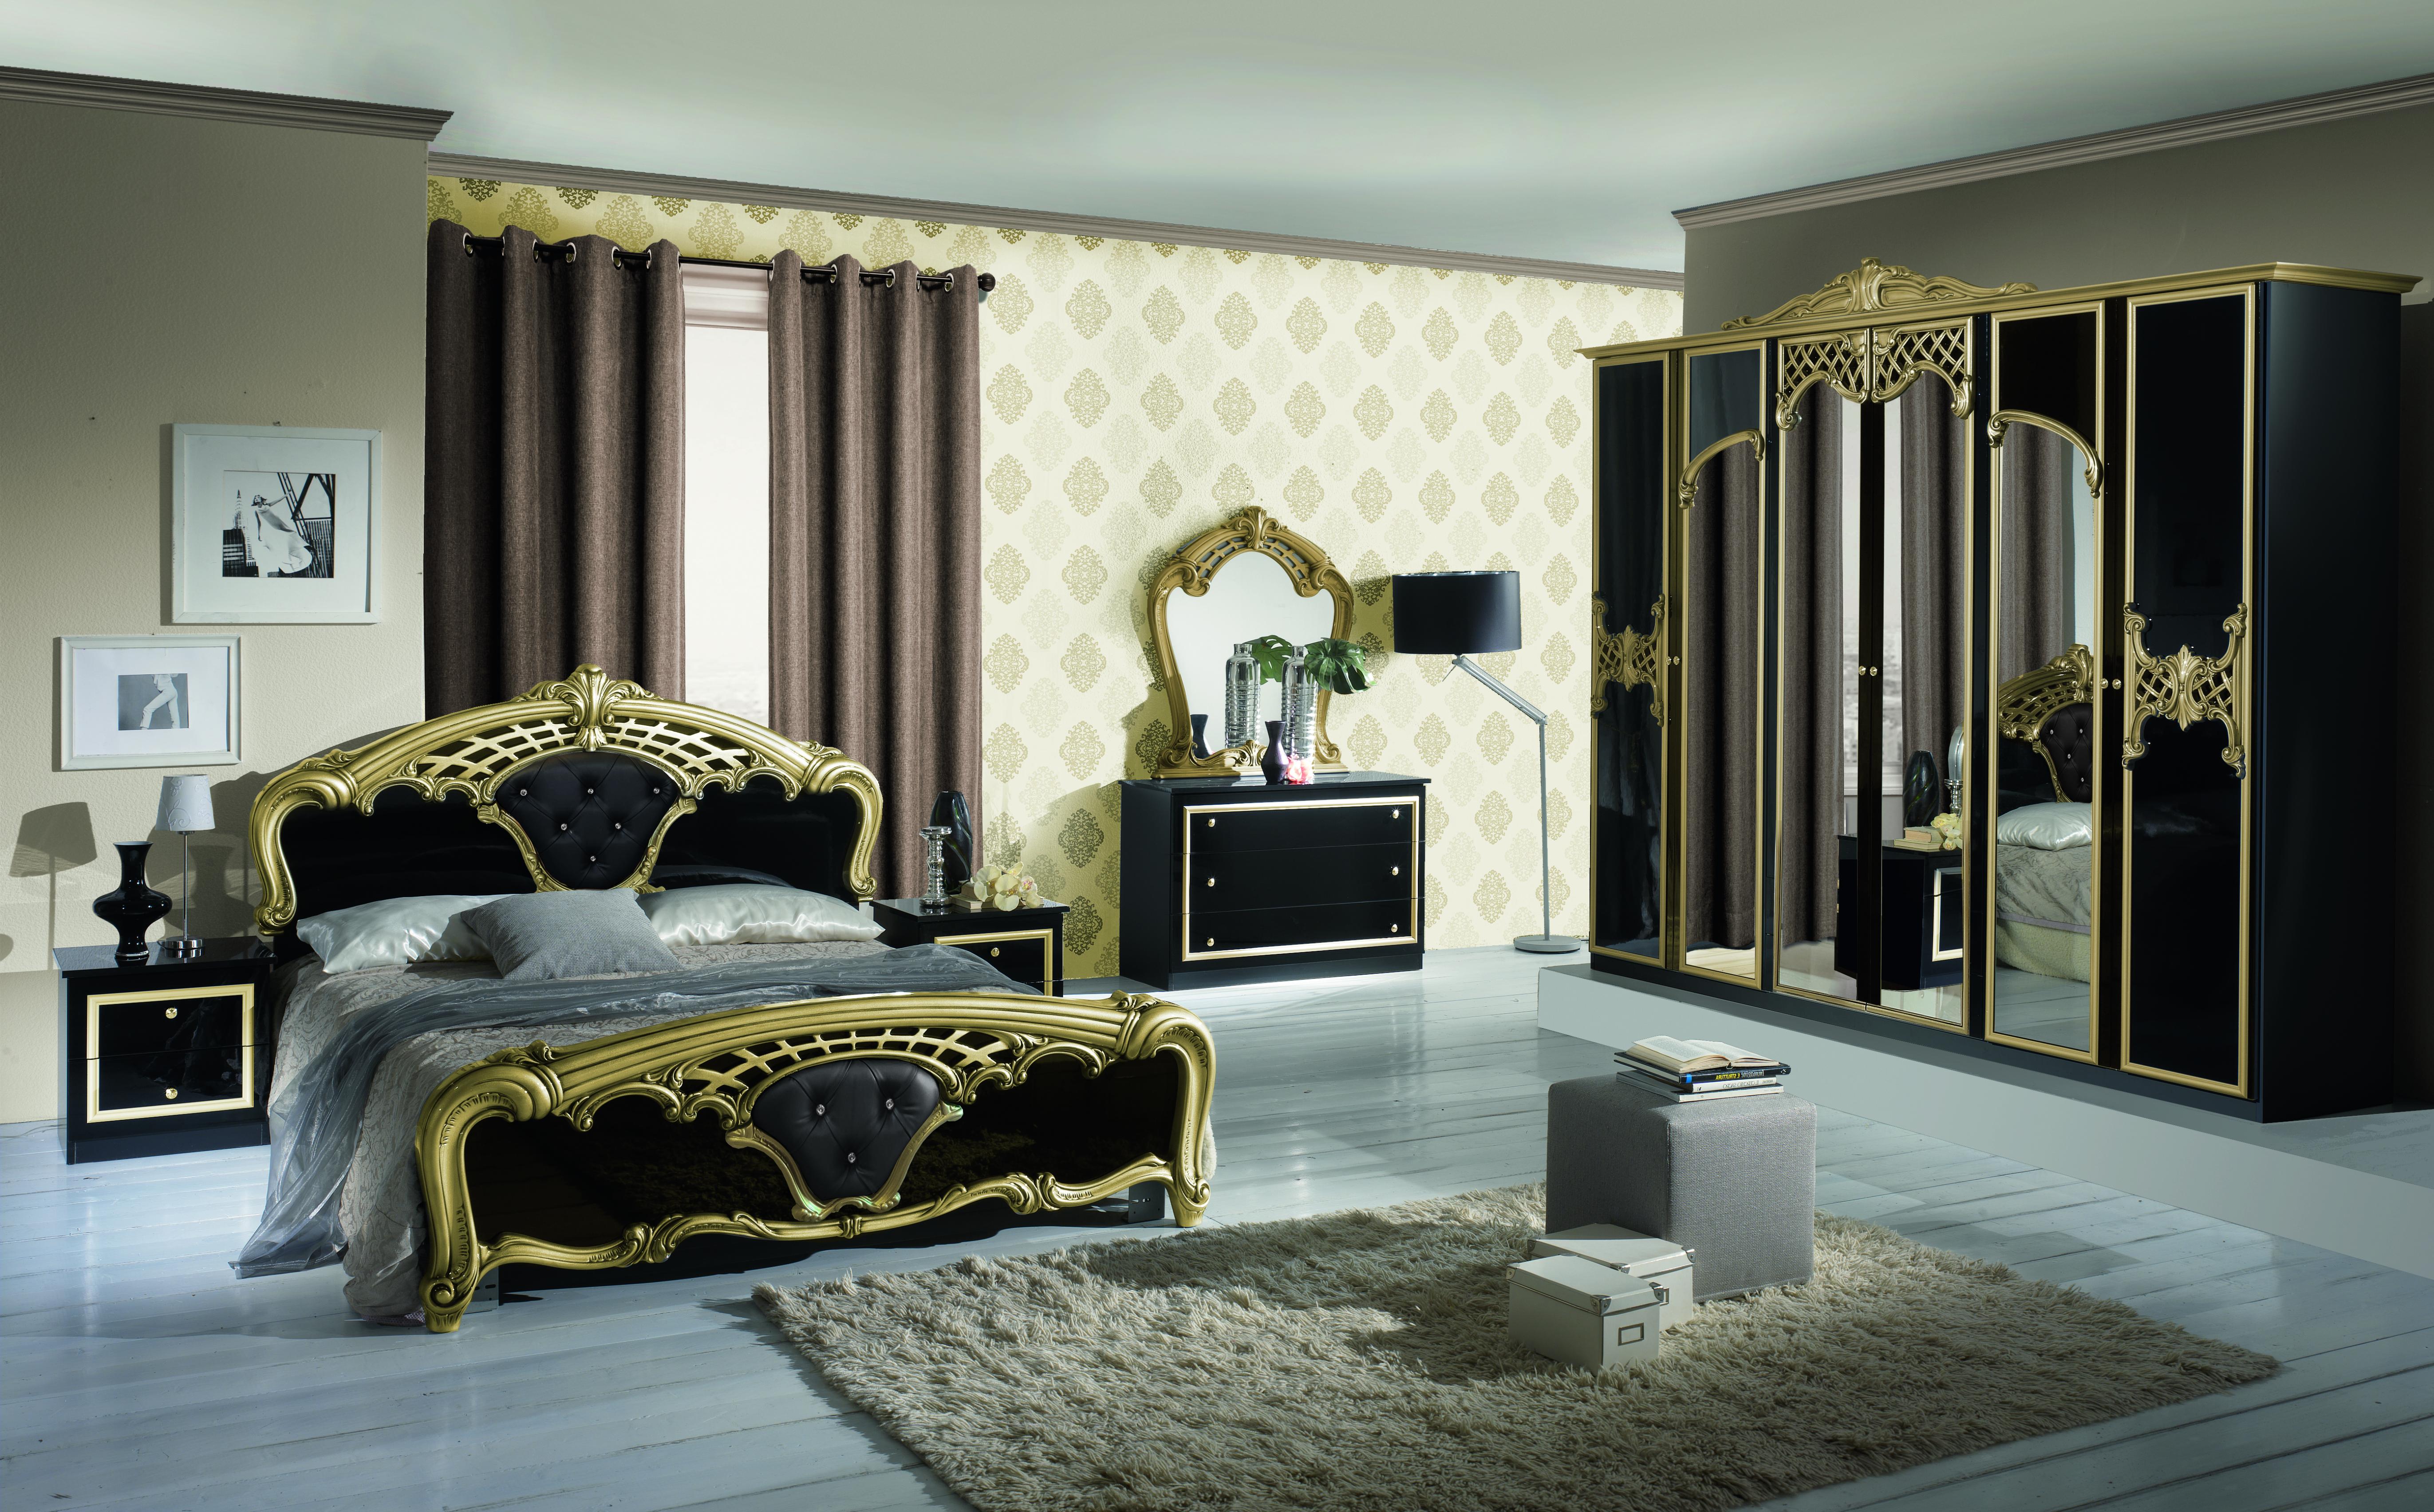 Barock Schlafzimmer Set Elena in Schwarz/Gold 4-Teilig